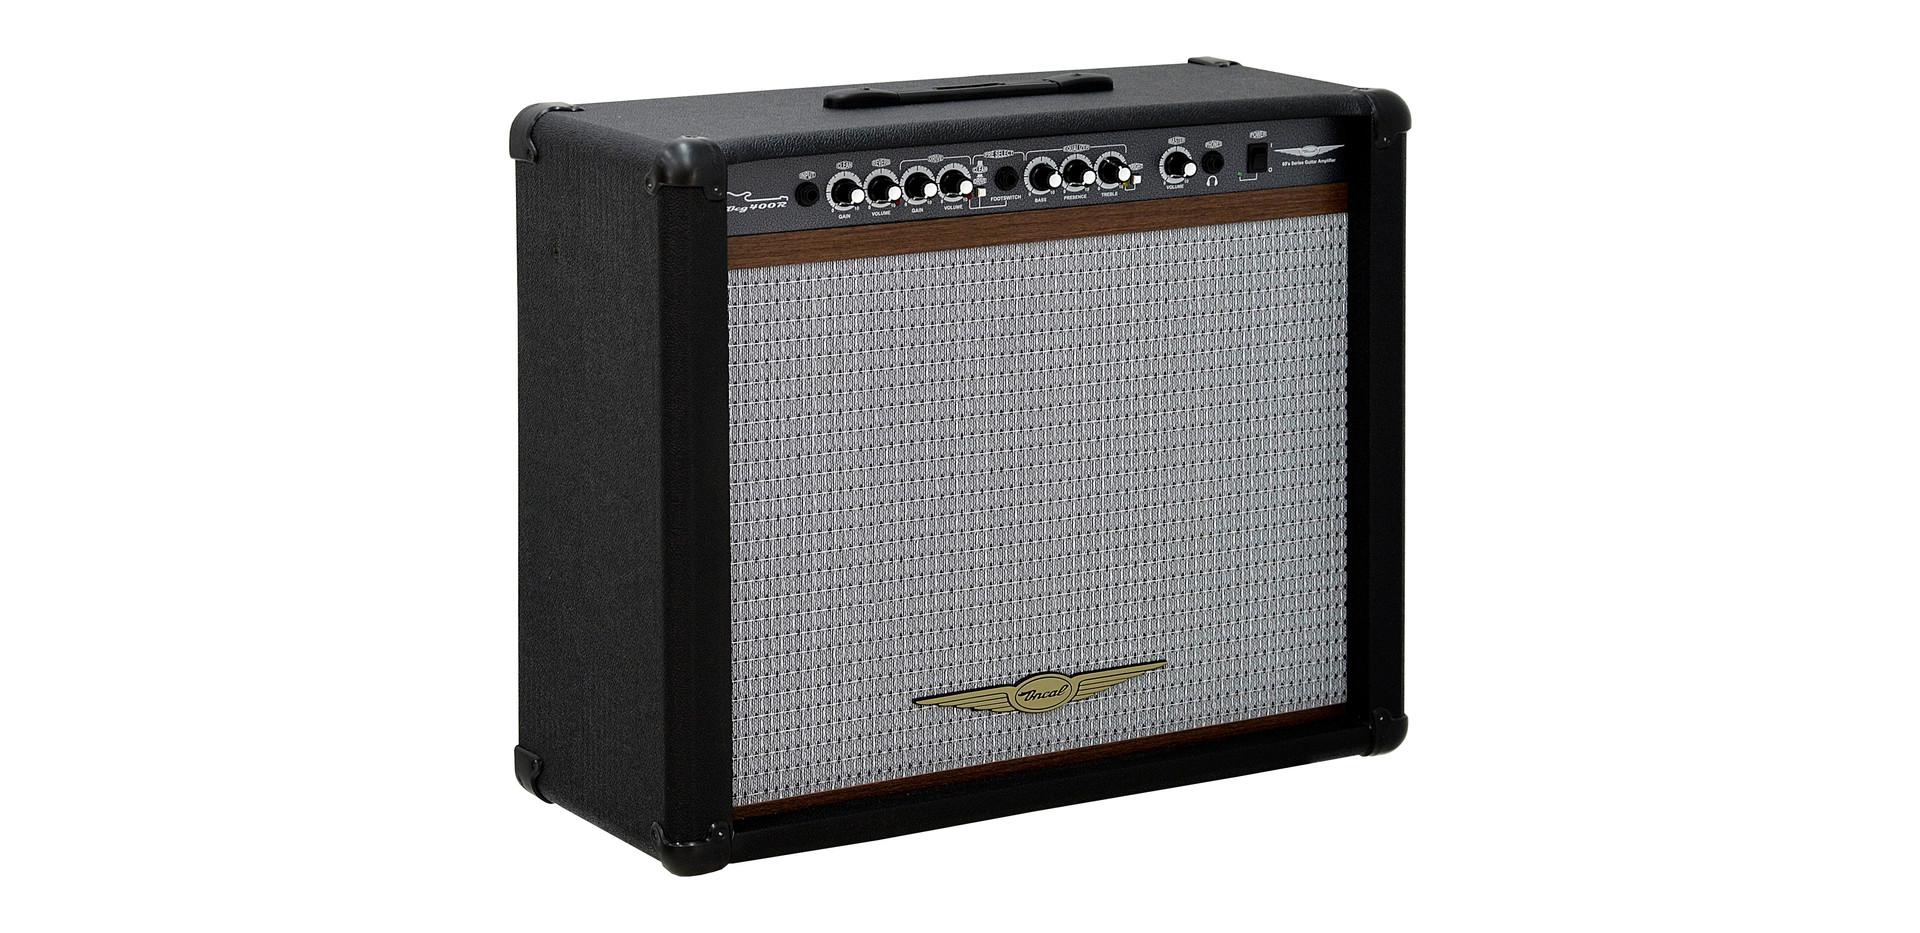 OCG 400R